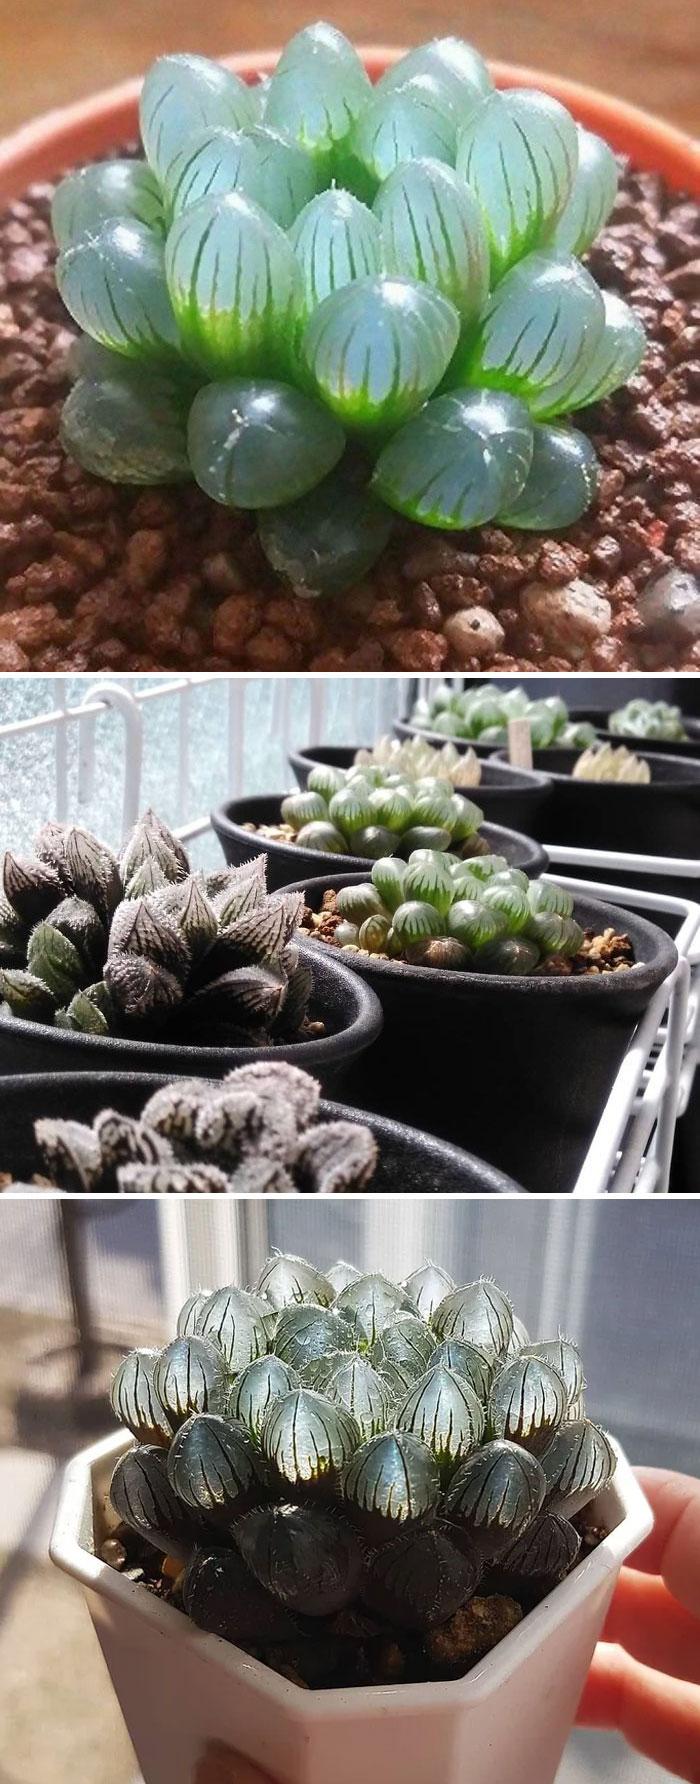 Clear Succulent Plant